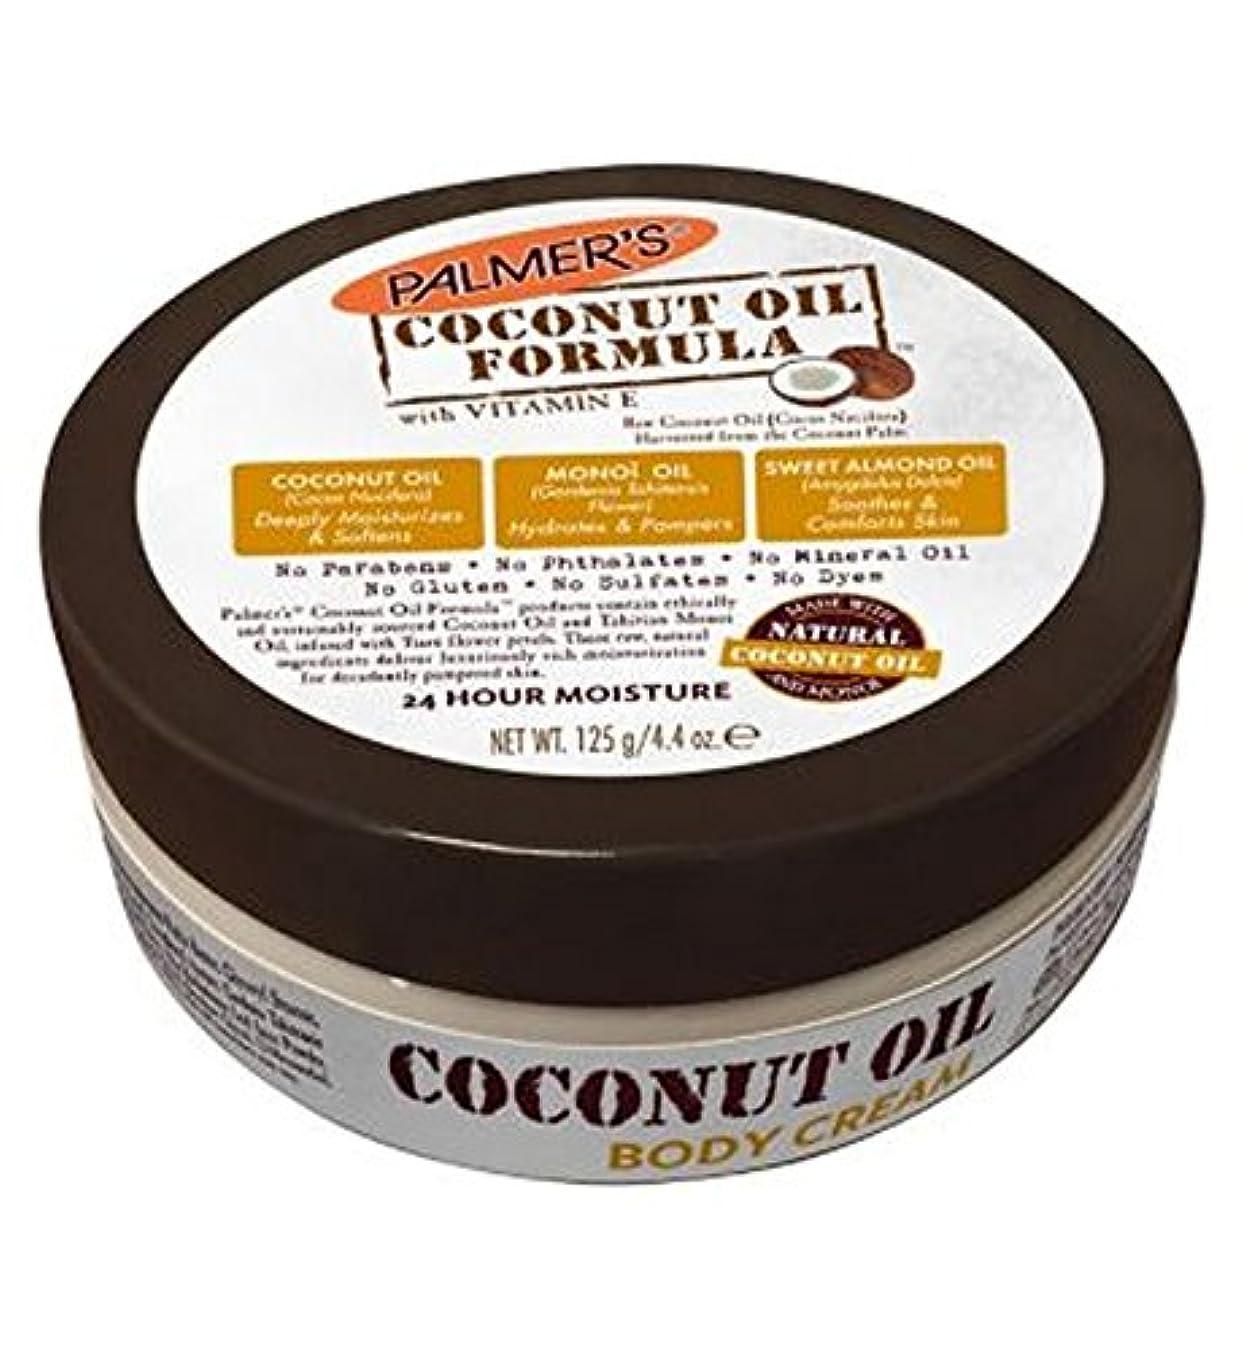 挨拶する直立装備するPalmer's Coconut Oil Formula Body Cream 125g - パーマーのヤシ油式ボディクリーム125グラム (Palmer's) [並行輸入品]